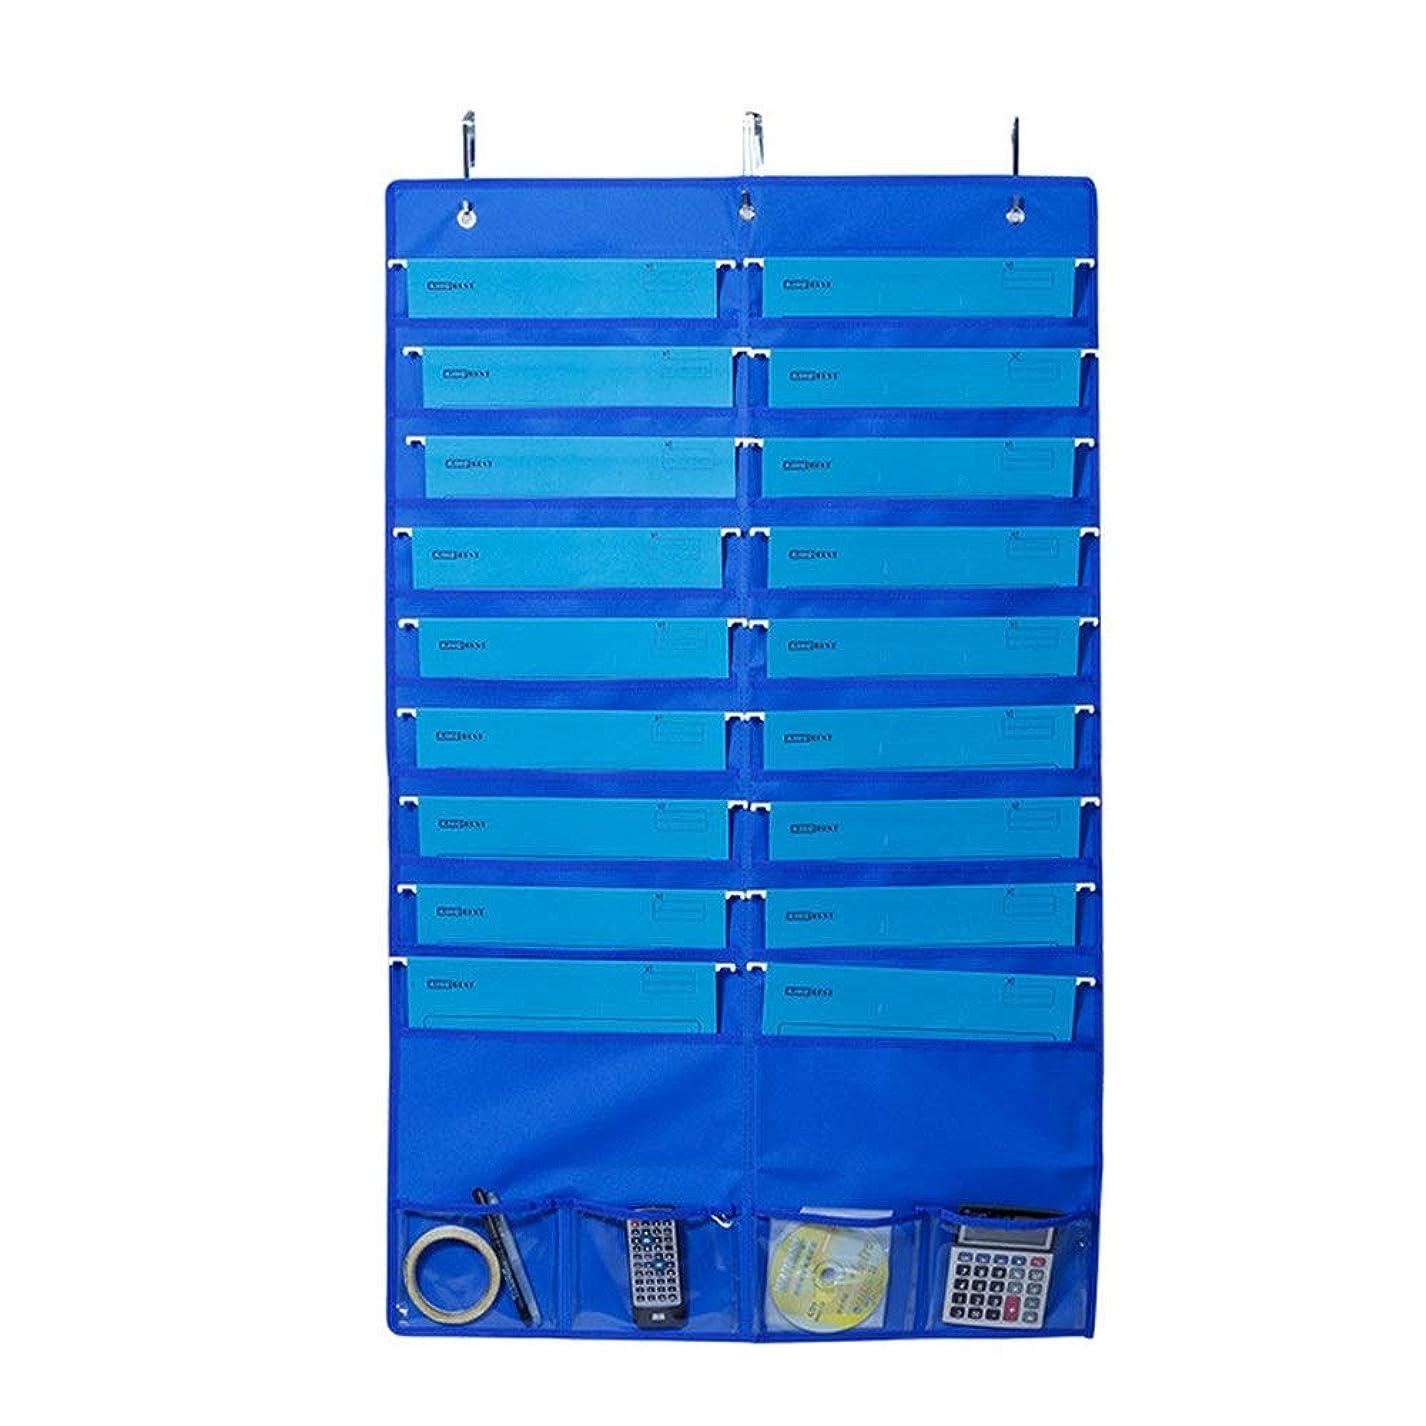 パーチナシティデマンドワーディアンケースDonghechengkang オックスフォード布ファイル吊り袋、ドアの後ろの収納袋、学生本と雑誌の収納袋 (Color : ブルー)